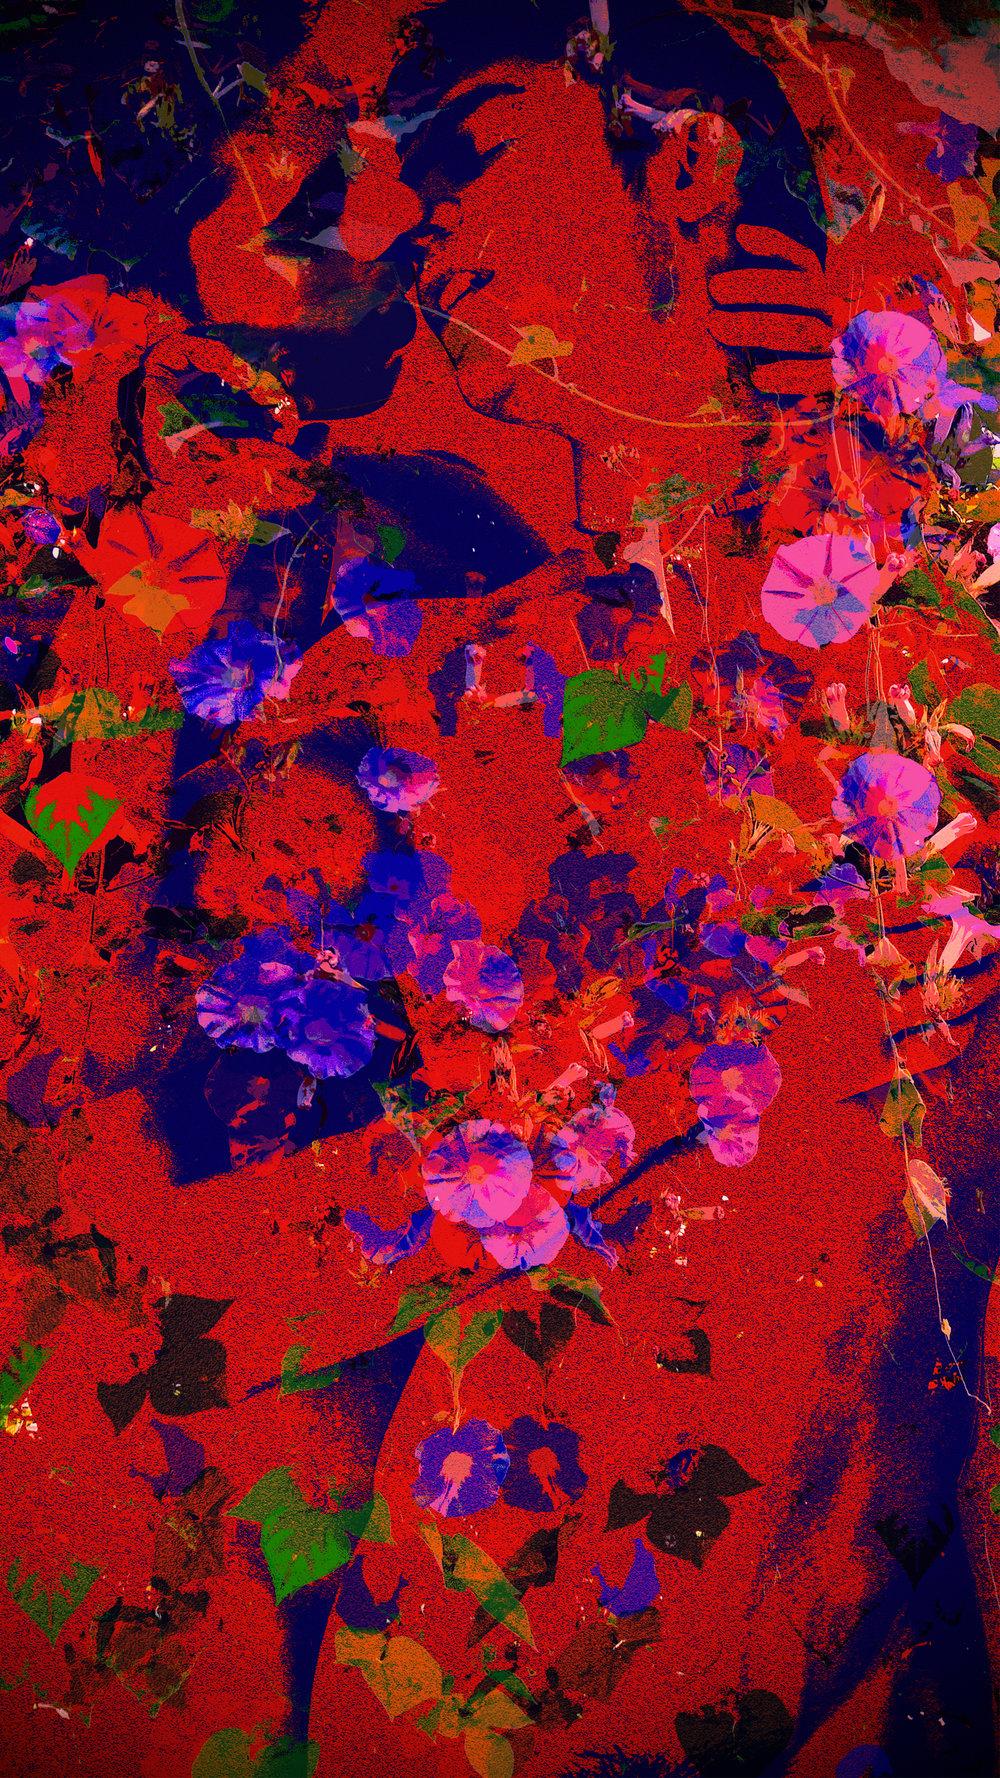 John Waiblinger-Morning_s Glory-Digital Art on paper-20.5Wx36.5-1of15-2018-Framed-$1,200.jpg